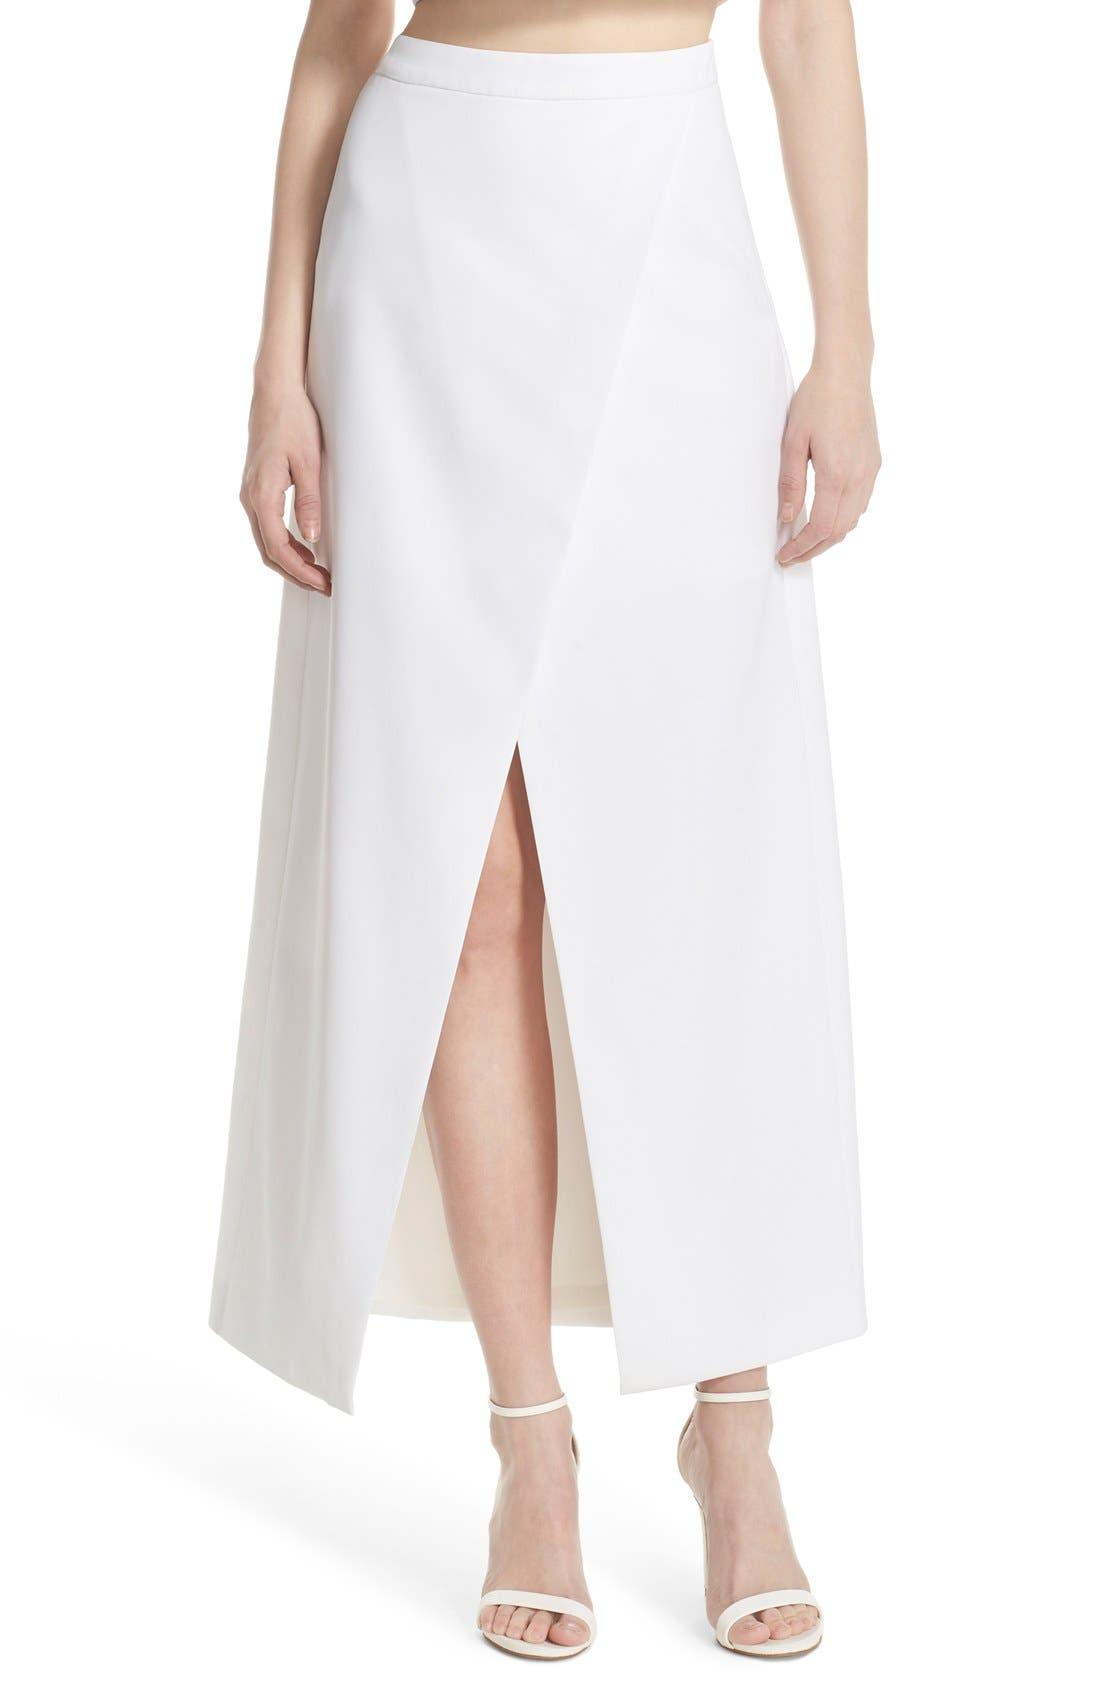 Alternate Image 1 Selected - Elliatt 'Statue' Split Front Maxi Skirt